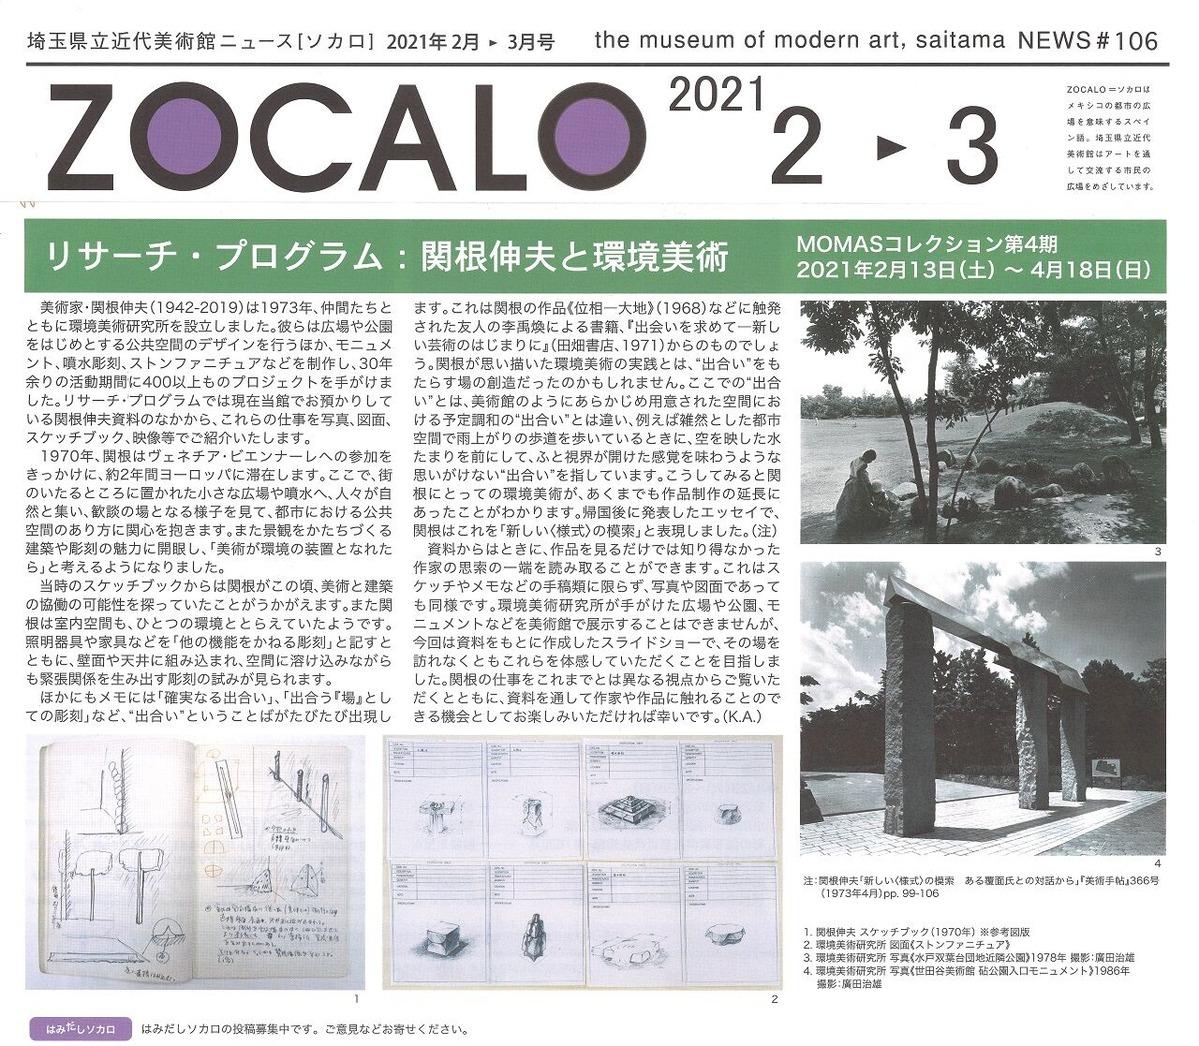 スタッフM 埼玉県立近代美術館に行ってきました。